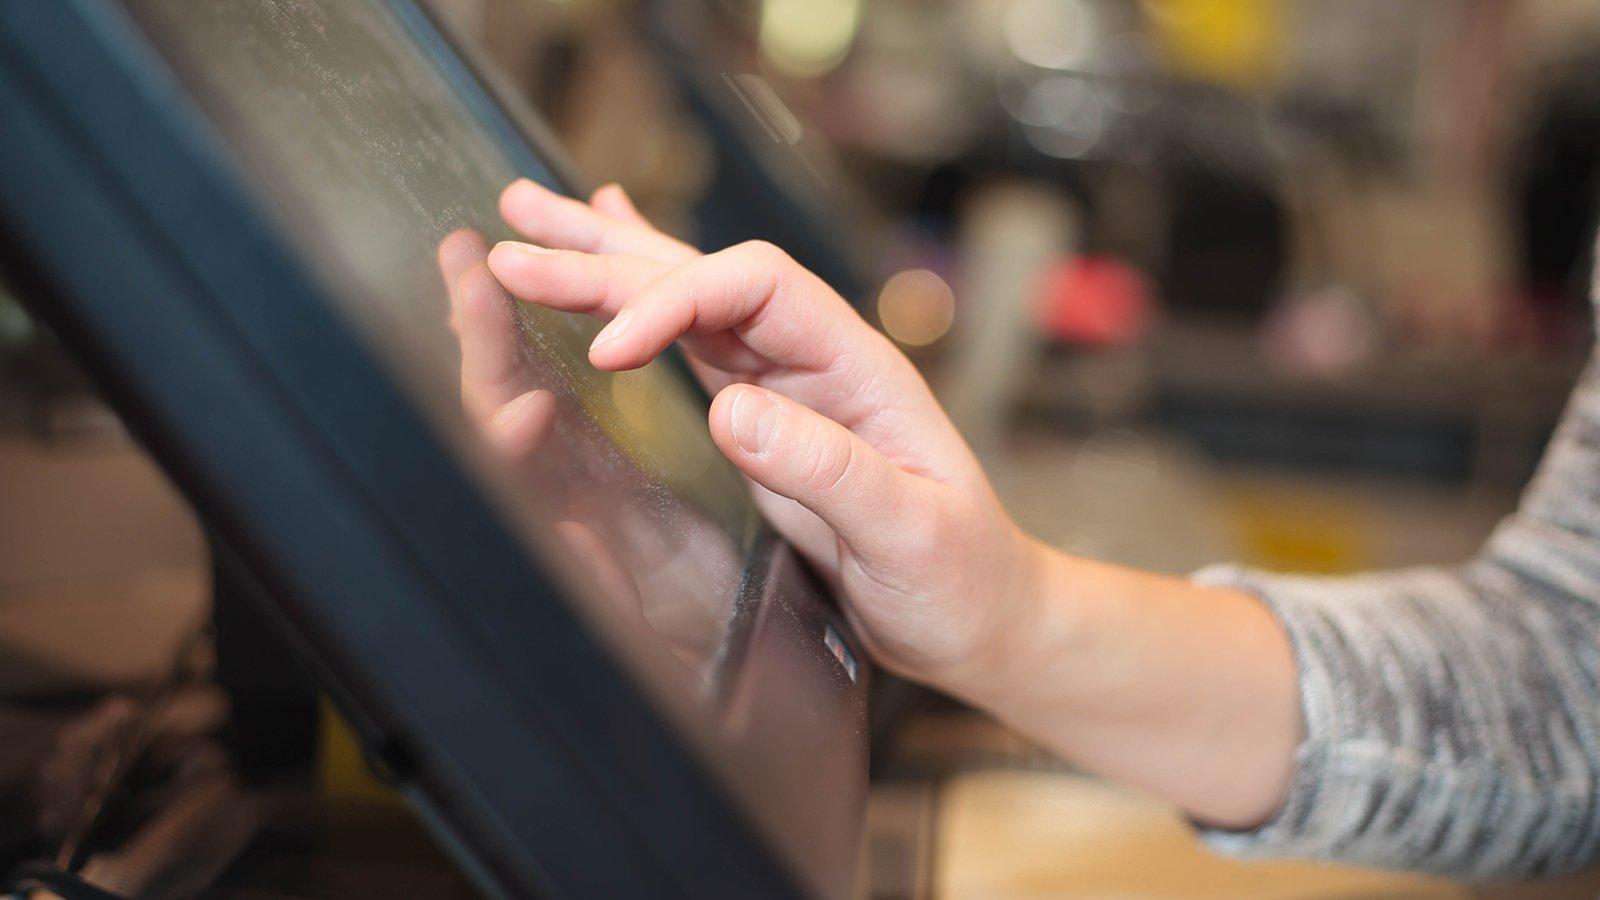 Una mano pigia dei tasti sul touch screen di un registratore di cassa